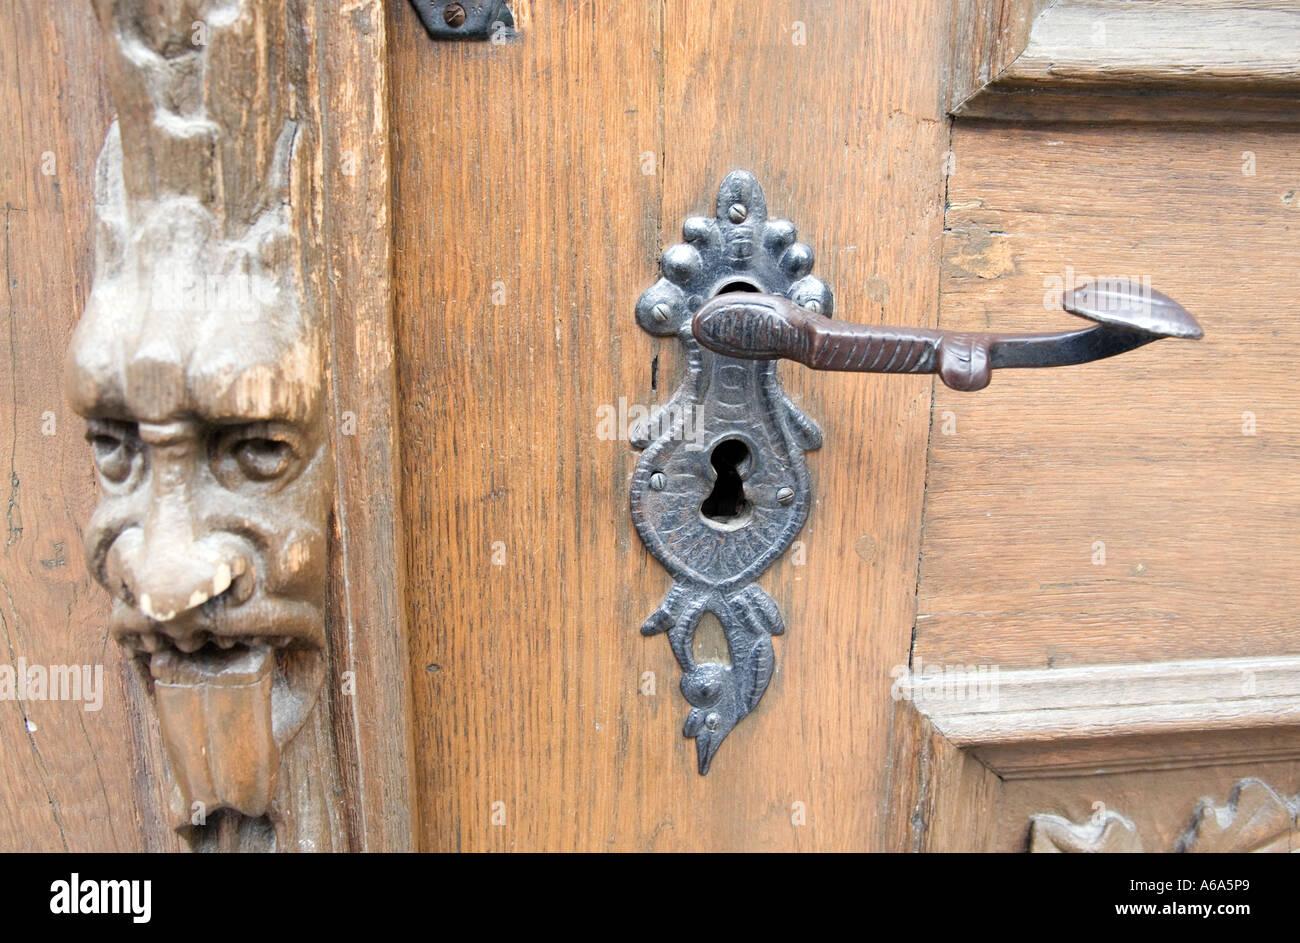 Baroque wrought iron door handle and wooden door frame for Baroque door handles